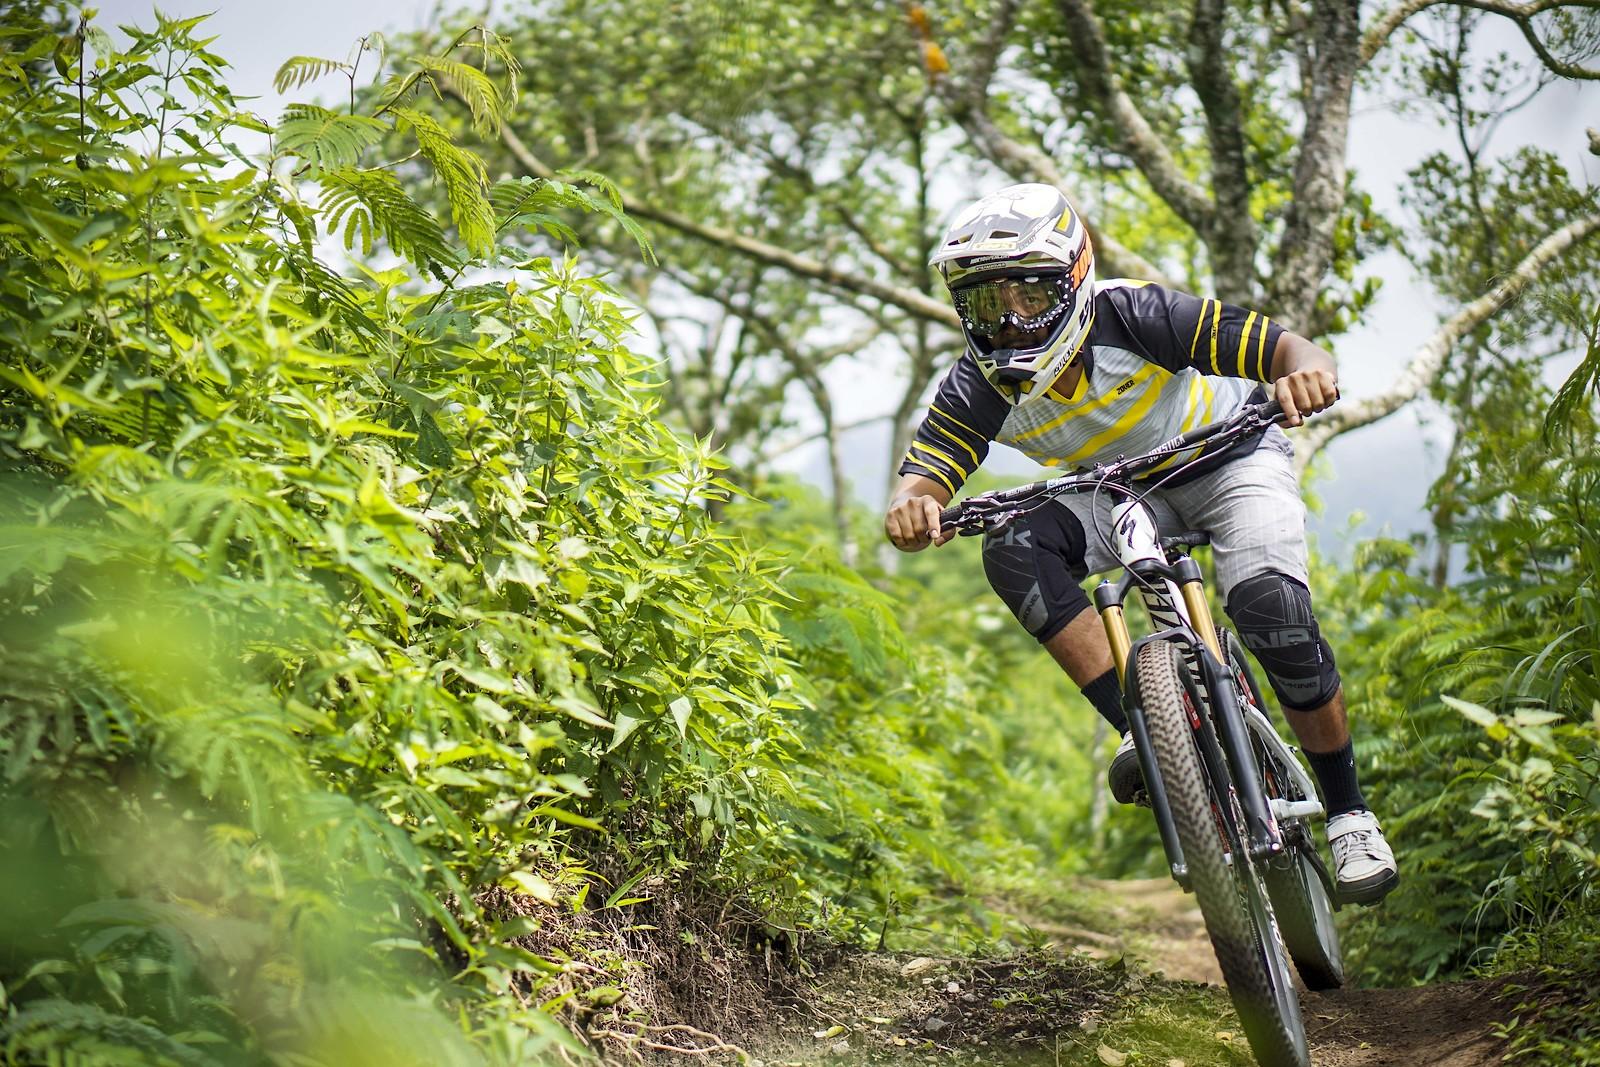 eyes on camera - RezaAkhmad - Mountain Biking Pictures - Vital MTB